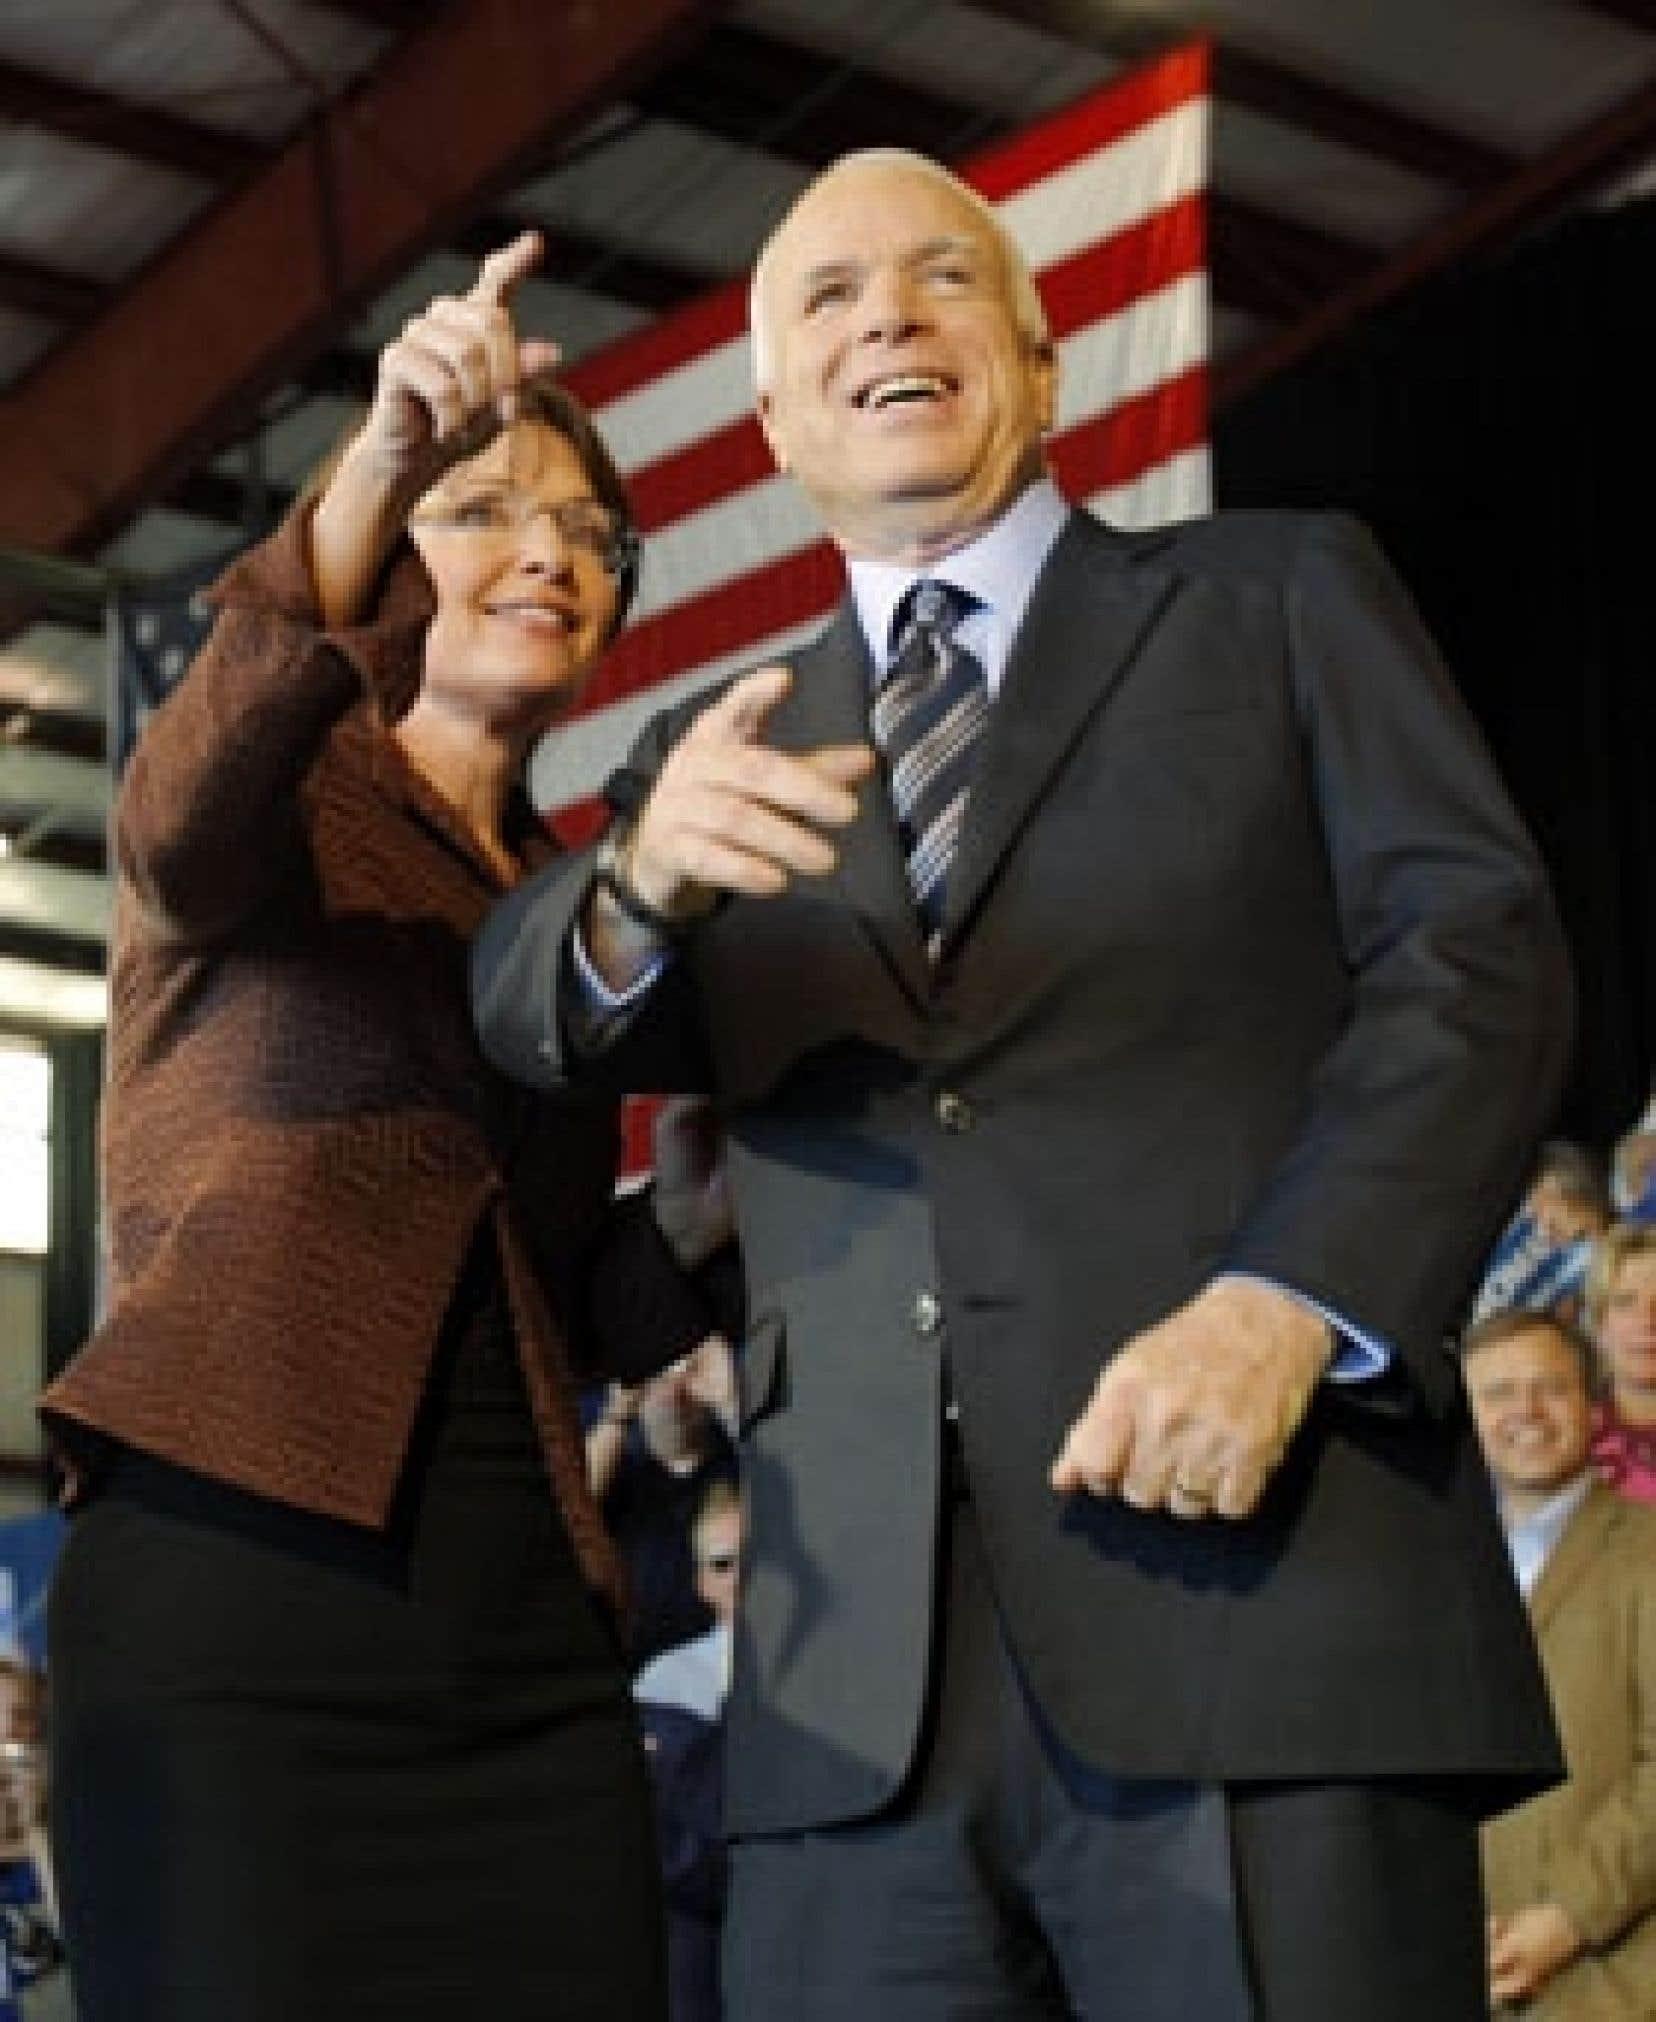 Sarah Palin et John McCain à la convention des républicains la semaine dernière.